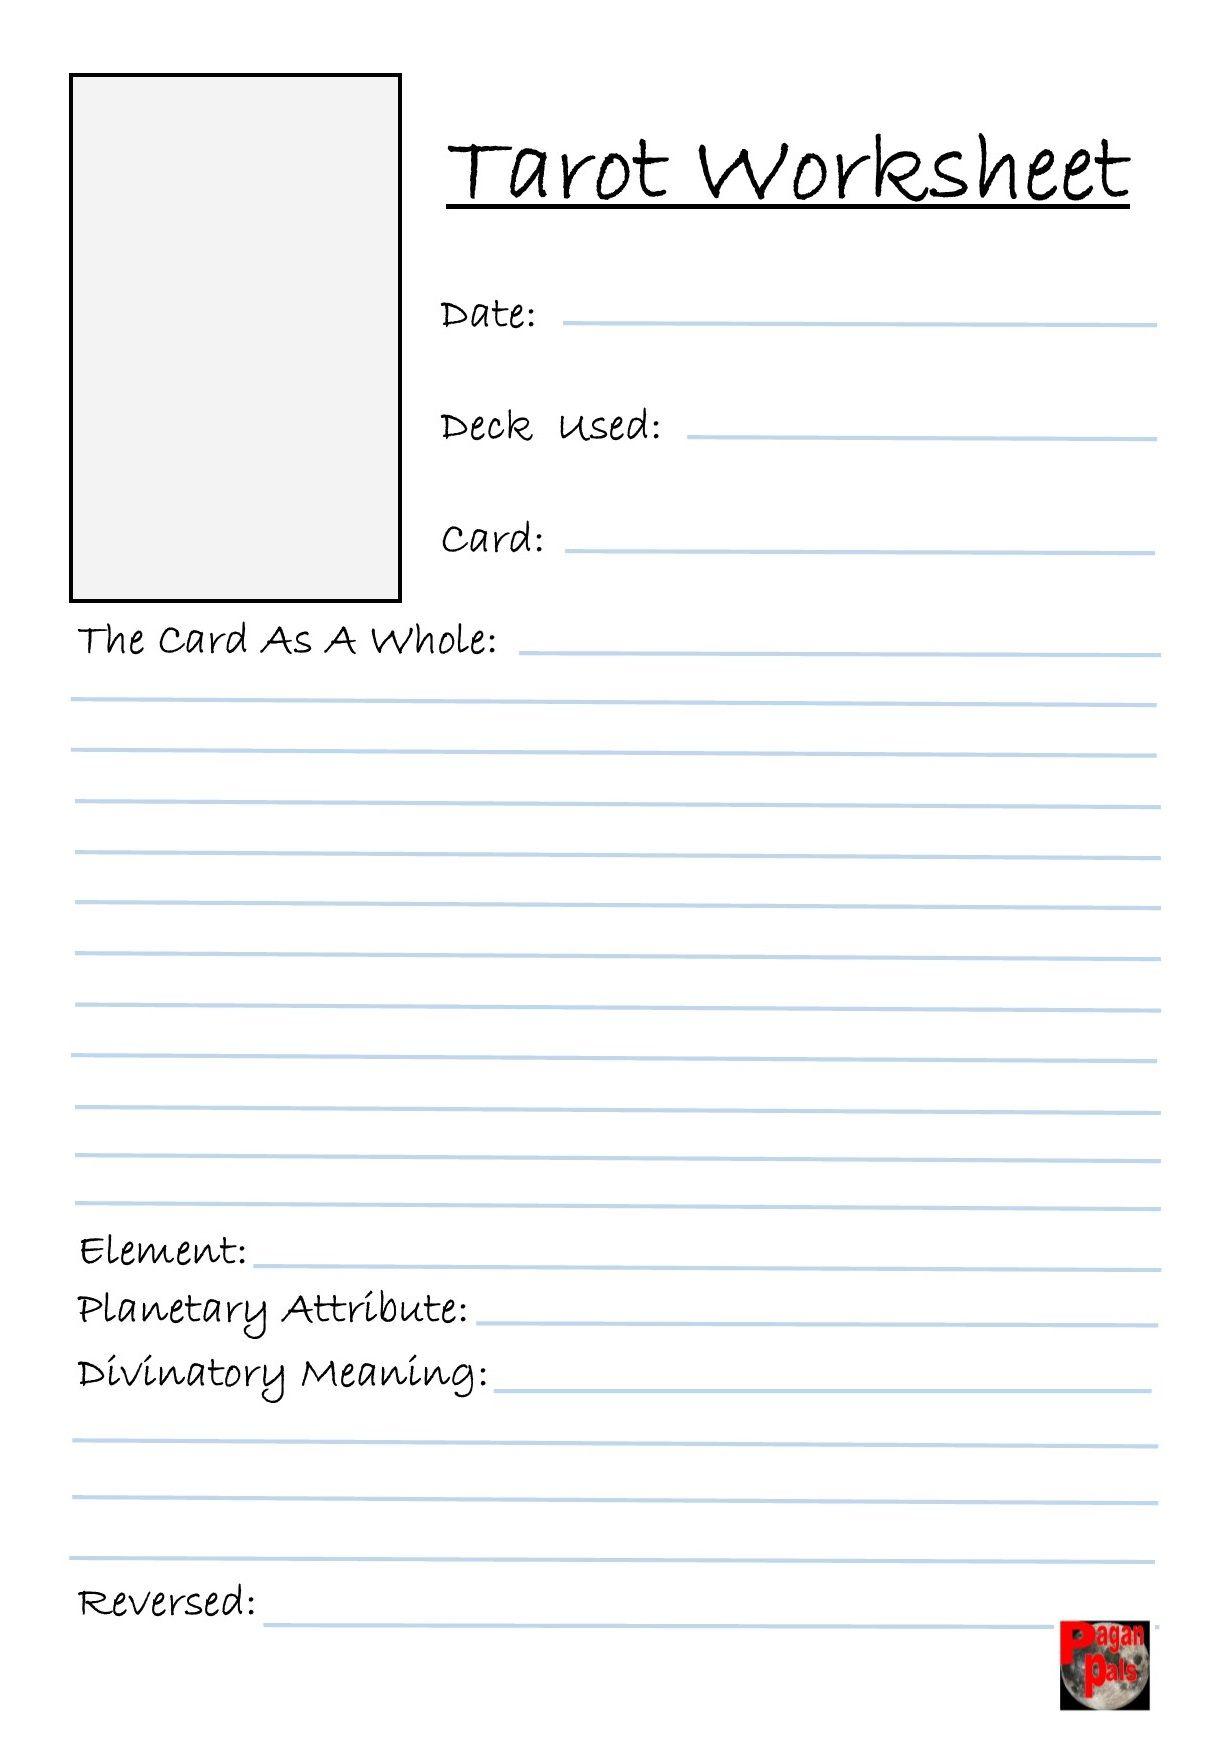 Pagan Pals Own Tarot Worksheet Book Of Shadows Page